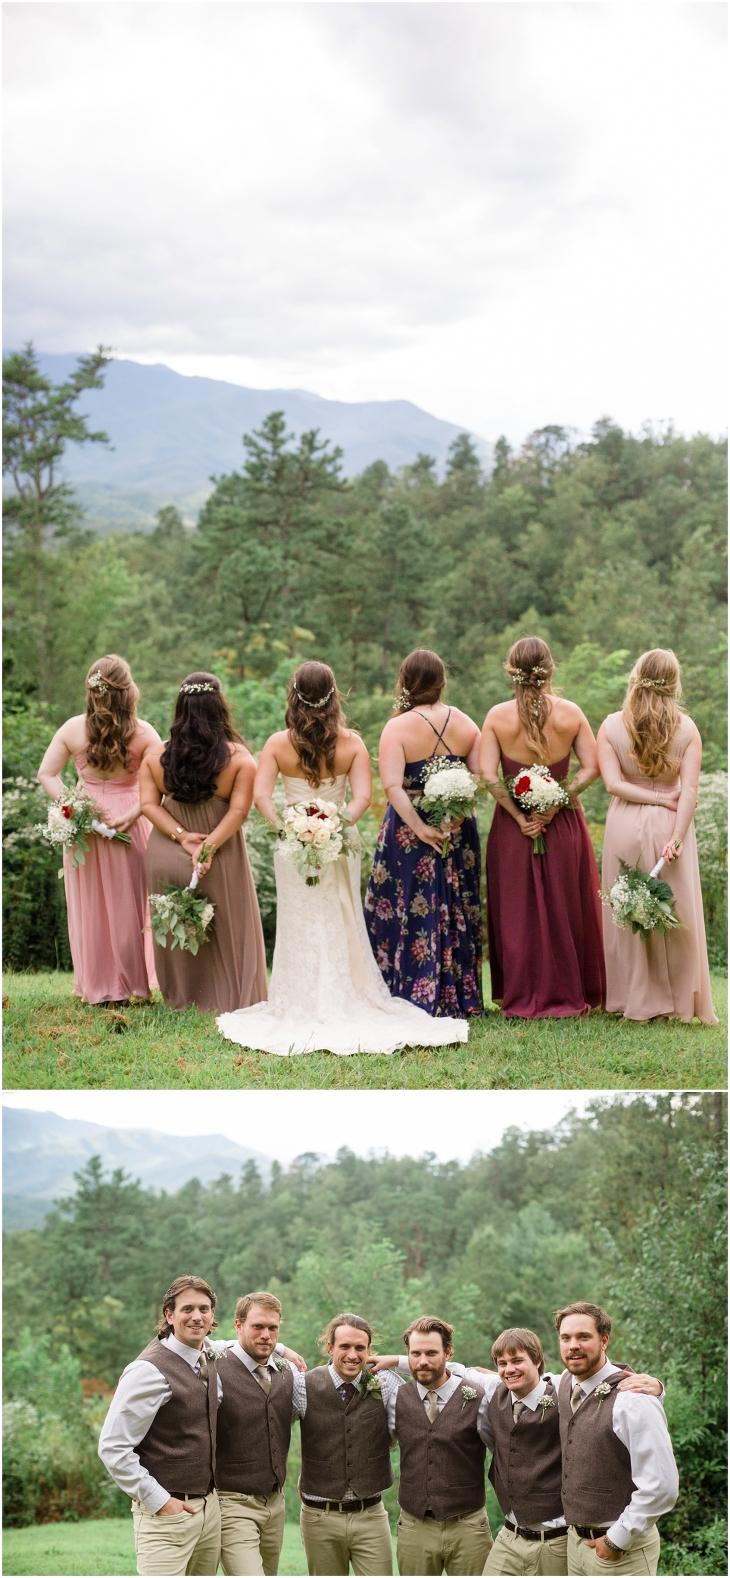 Smoky Mountain wedding photo